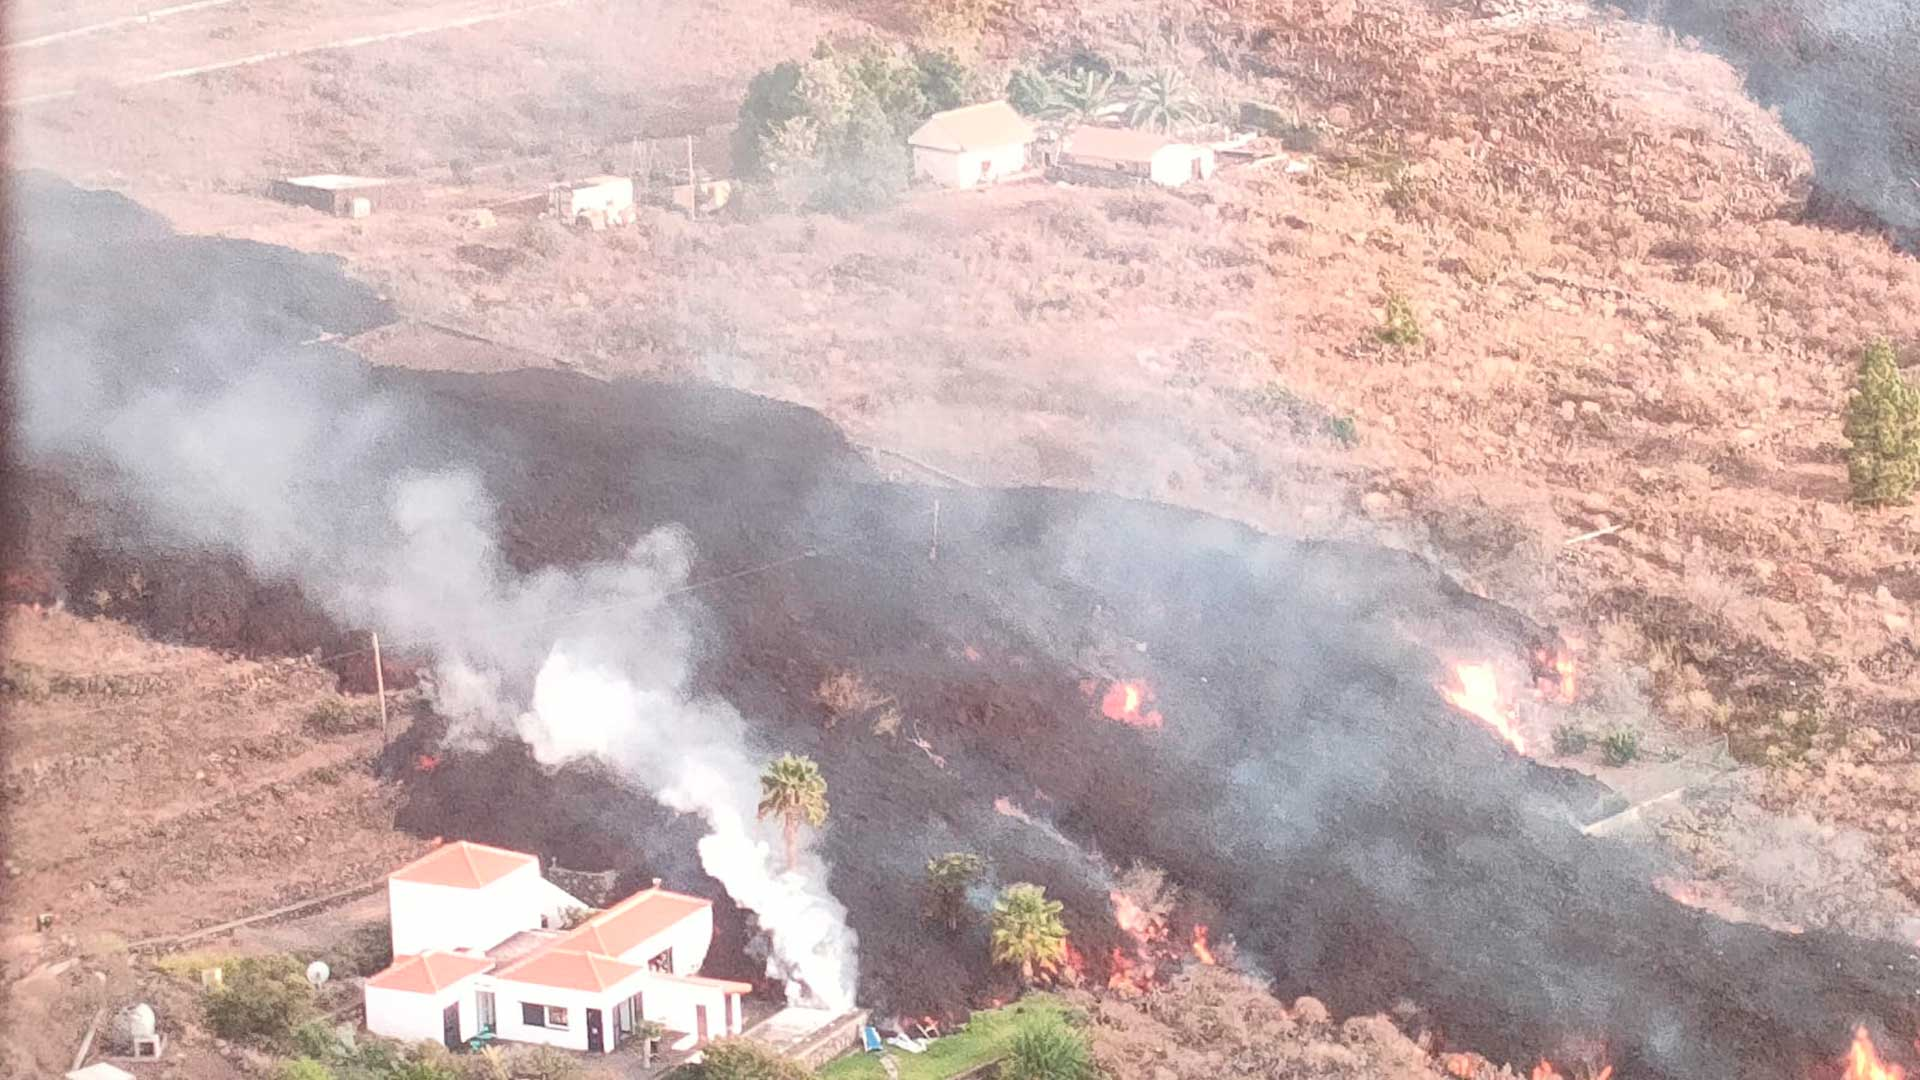 Cómo actúa el seguro de moto en caso de erupción volcánica